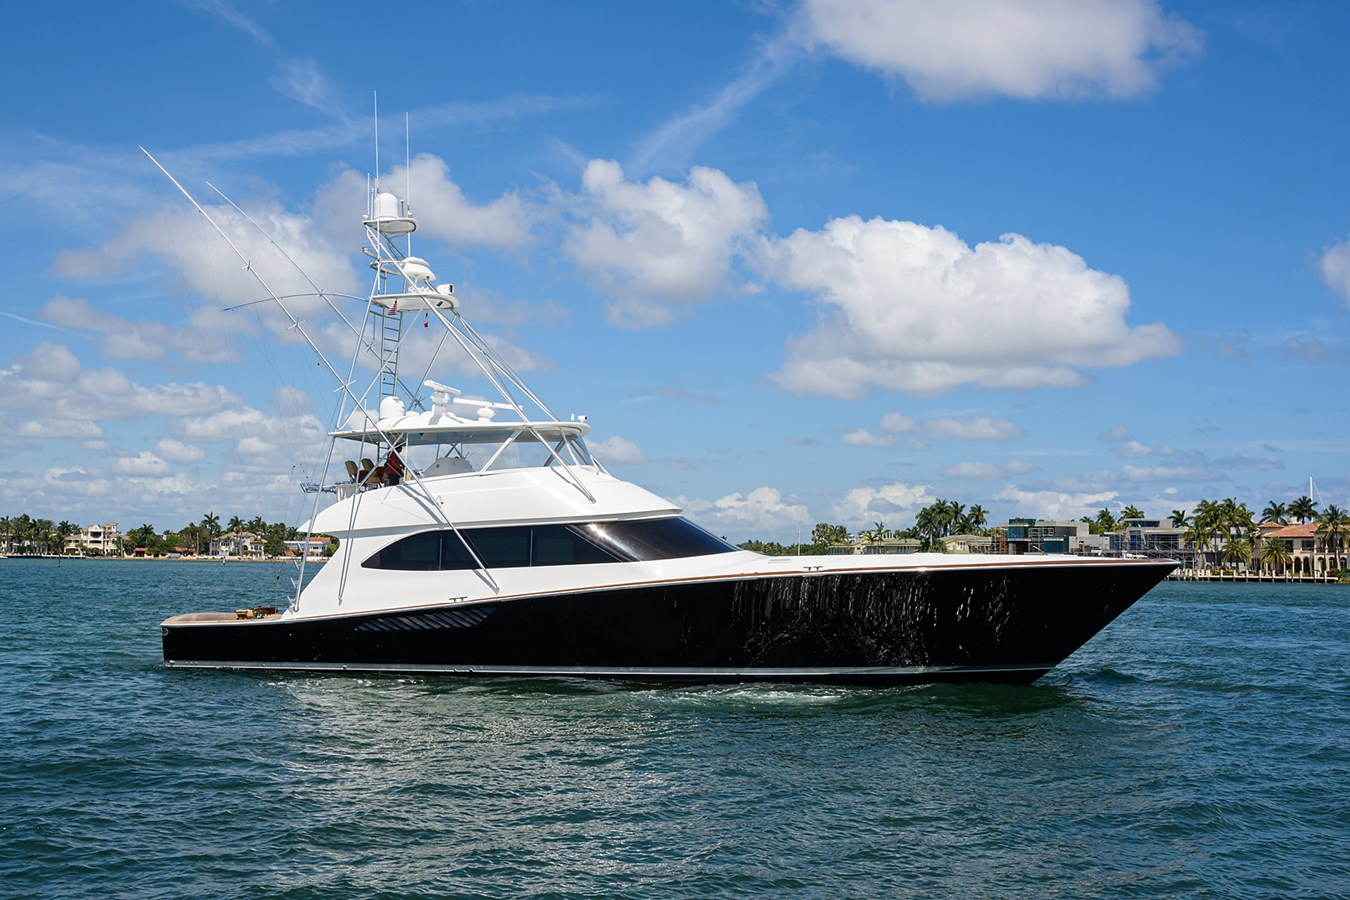 Bandit 2010 VIKING Sportfish with Seakeeper Sport Fisherman 2899017